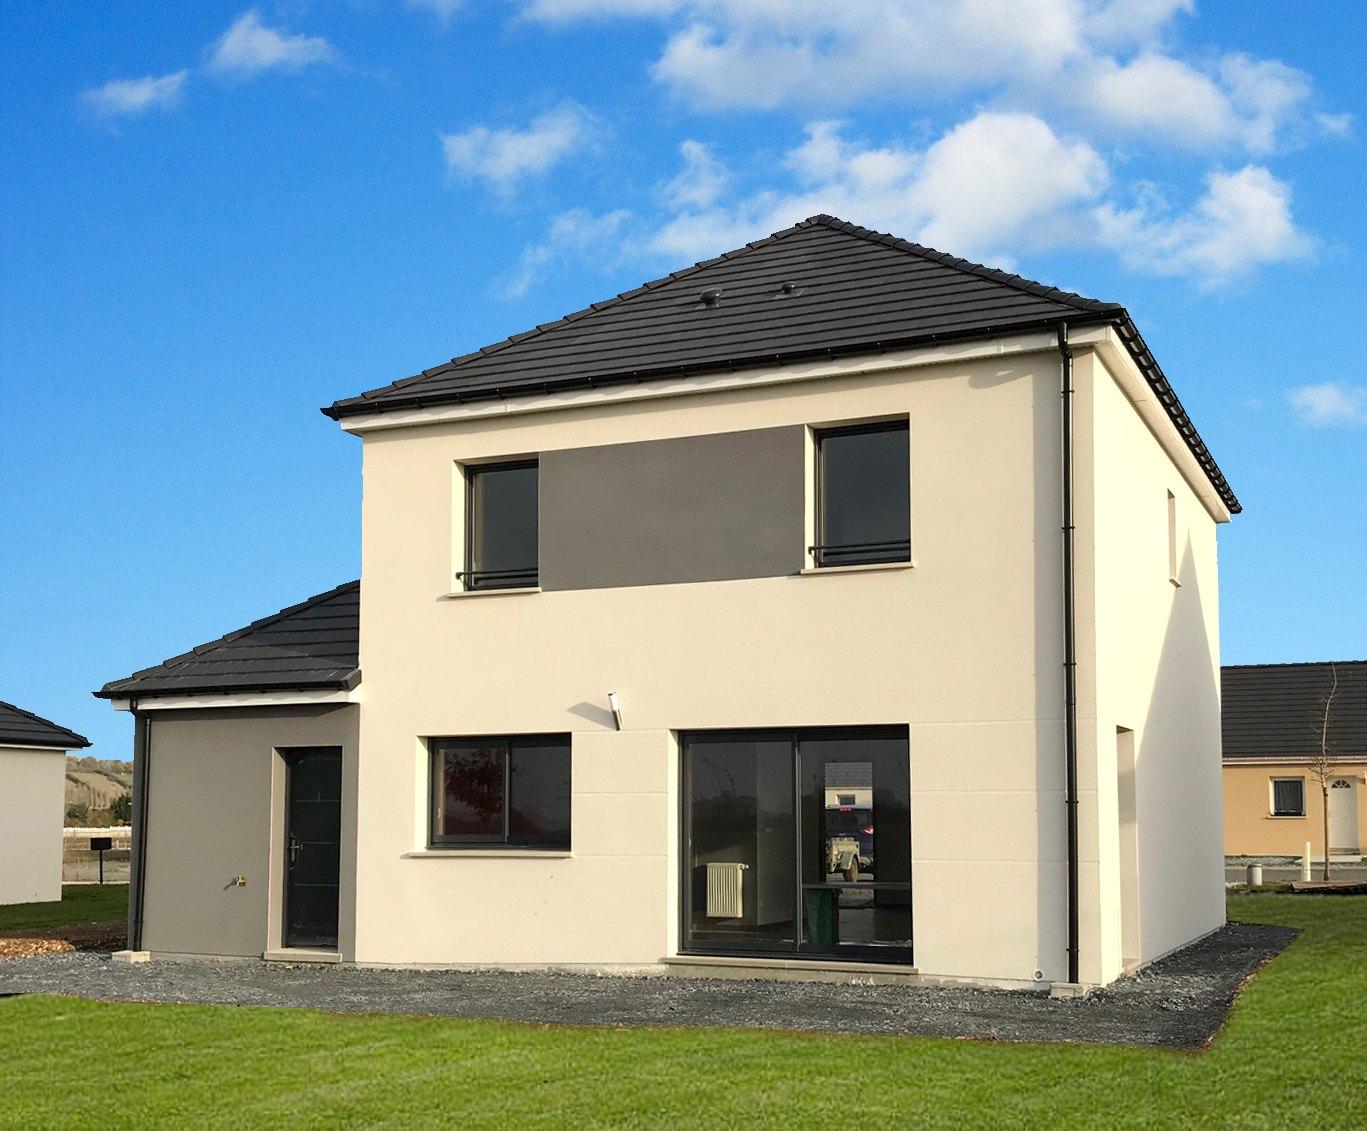 Maisons + Terrains du constructeur MAISON CASTOR • 110 m² • BUTRY SUR OISE